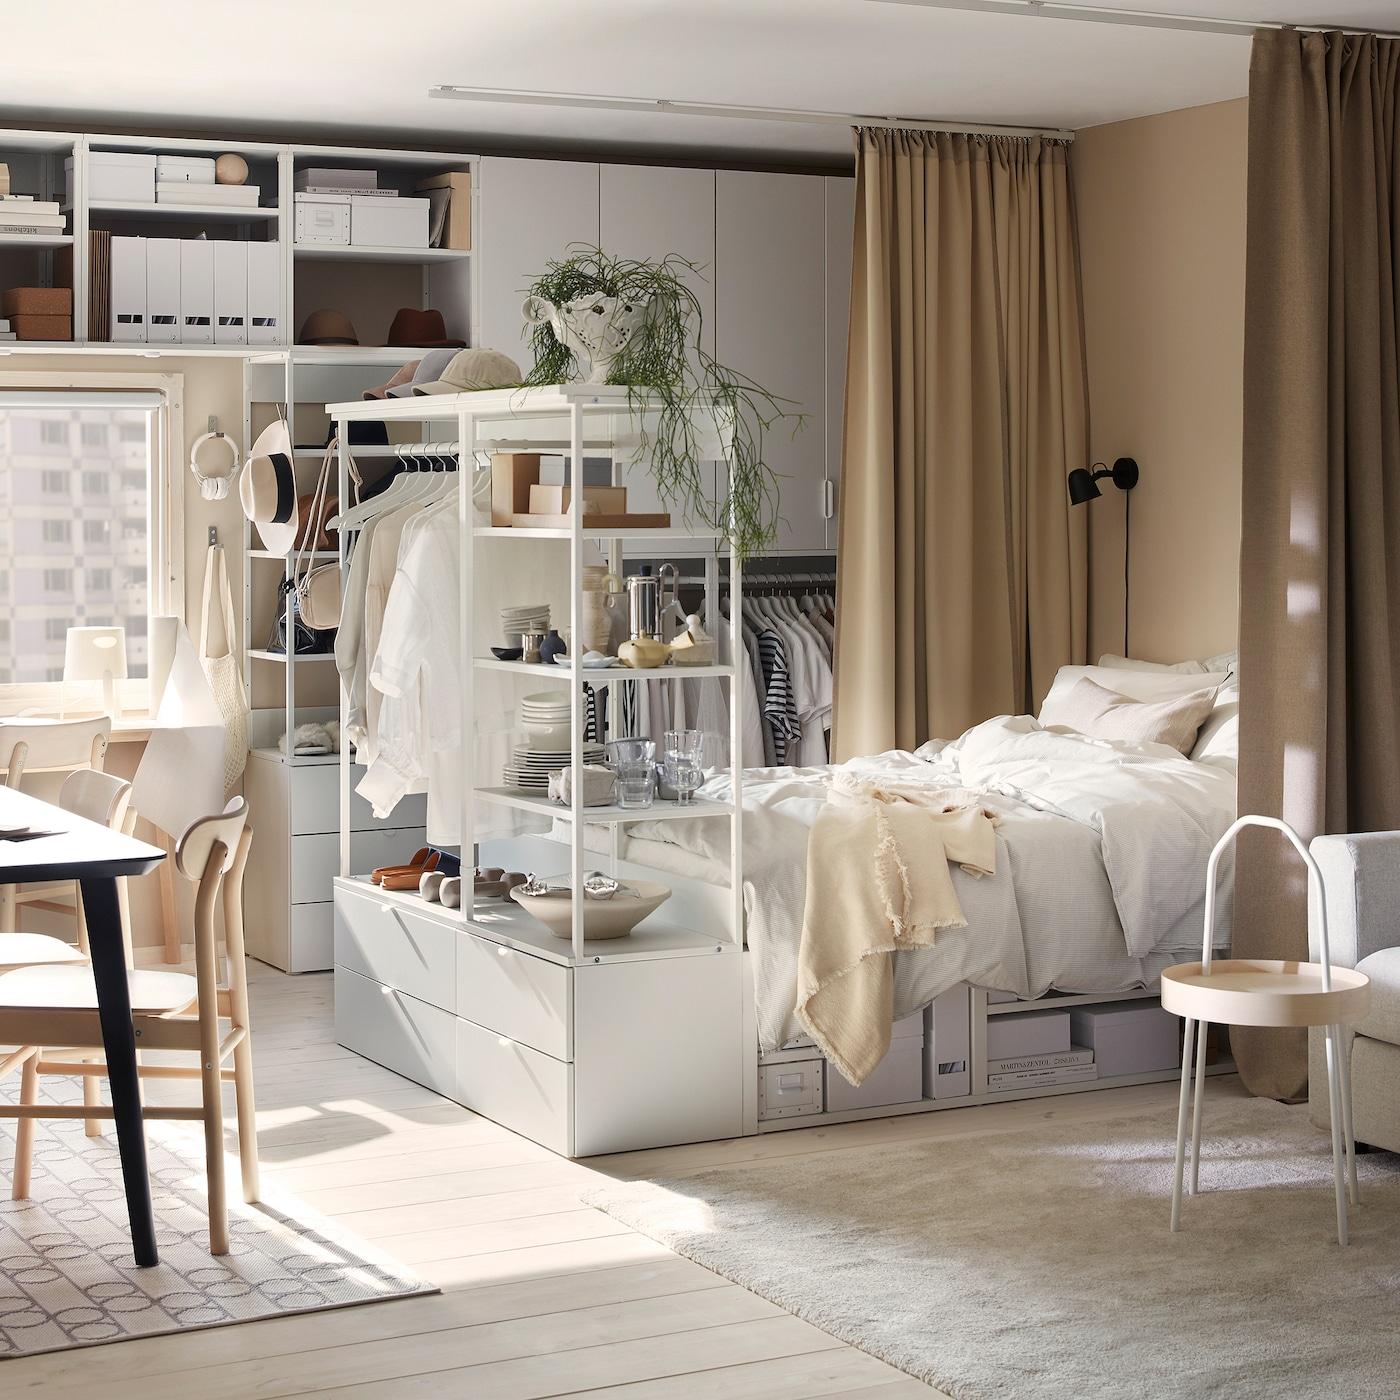 Etværelseslejlighed med PLATSA opbevaringsløsninger og sengestel i hvidt, et sort spisebord og beige gardiner.